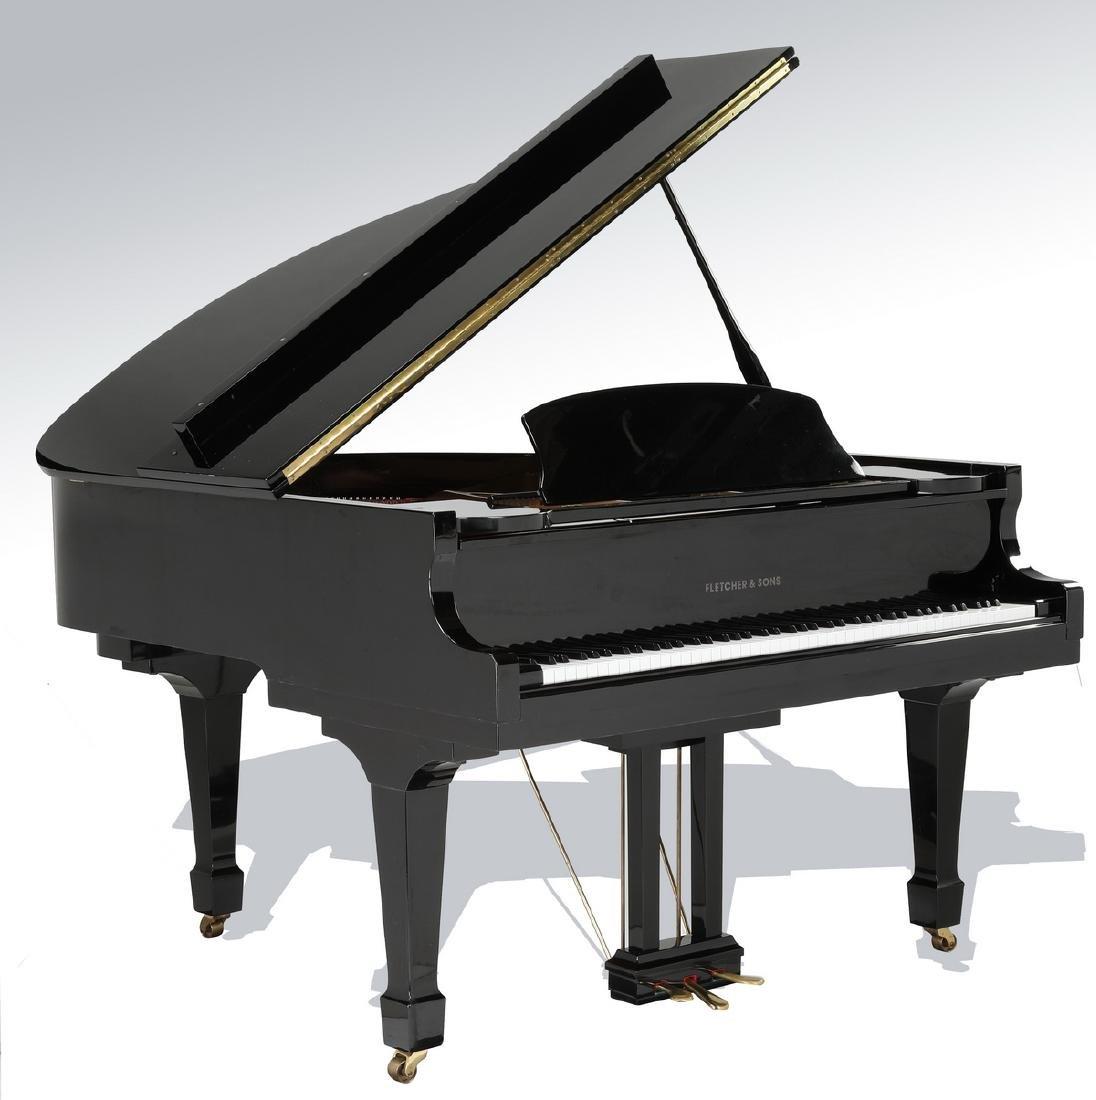 Fletcher & Sons baby grand piano w/ ebony finish